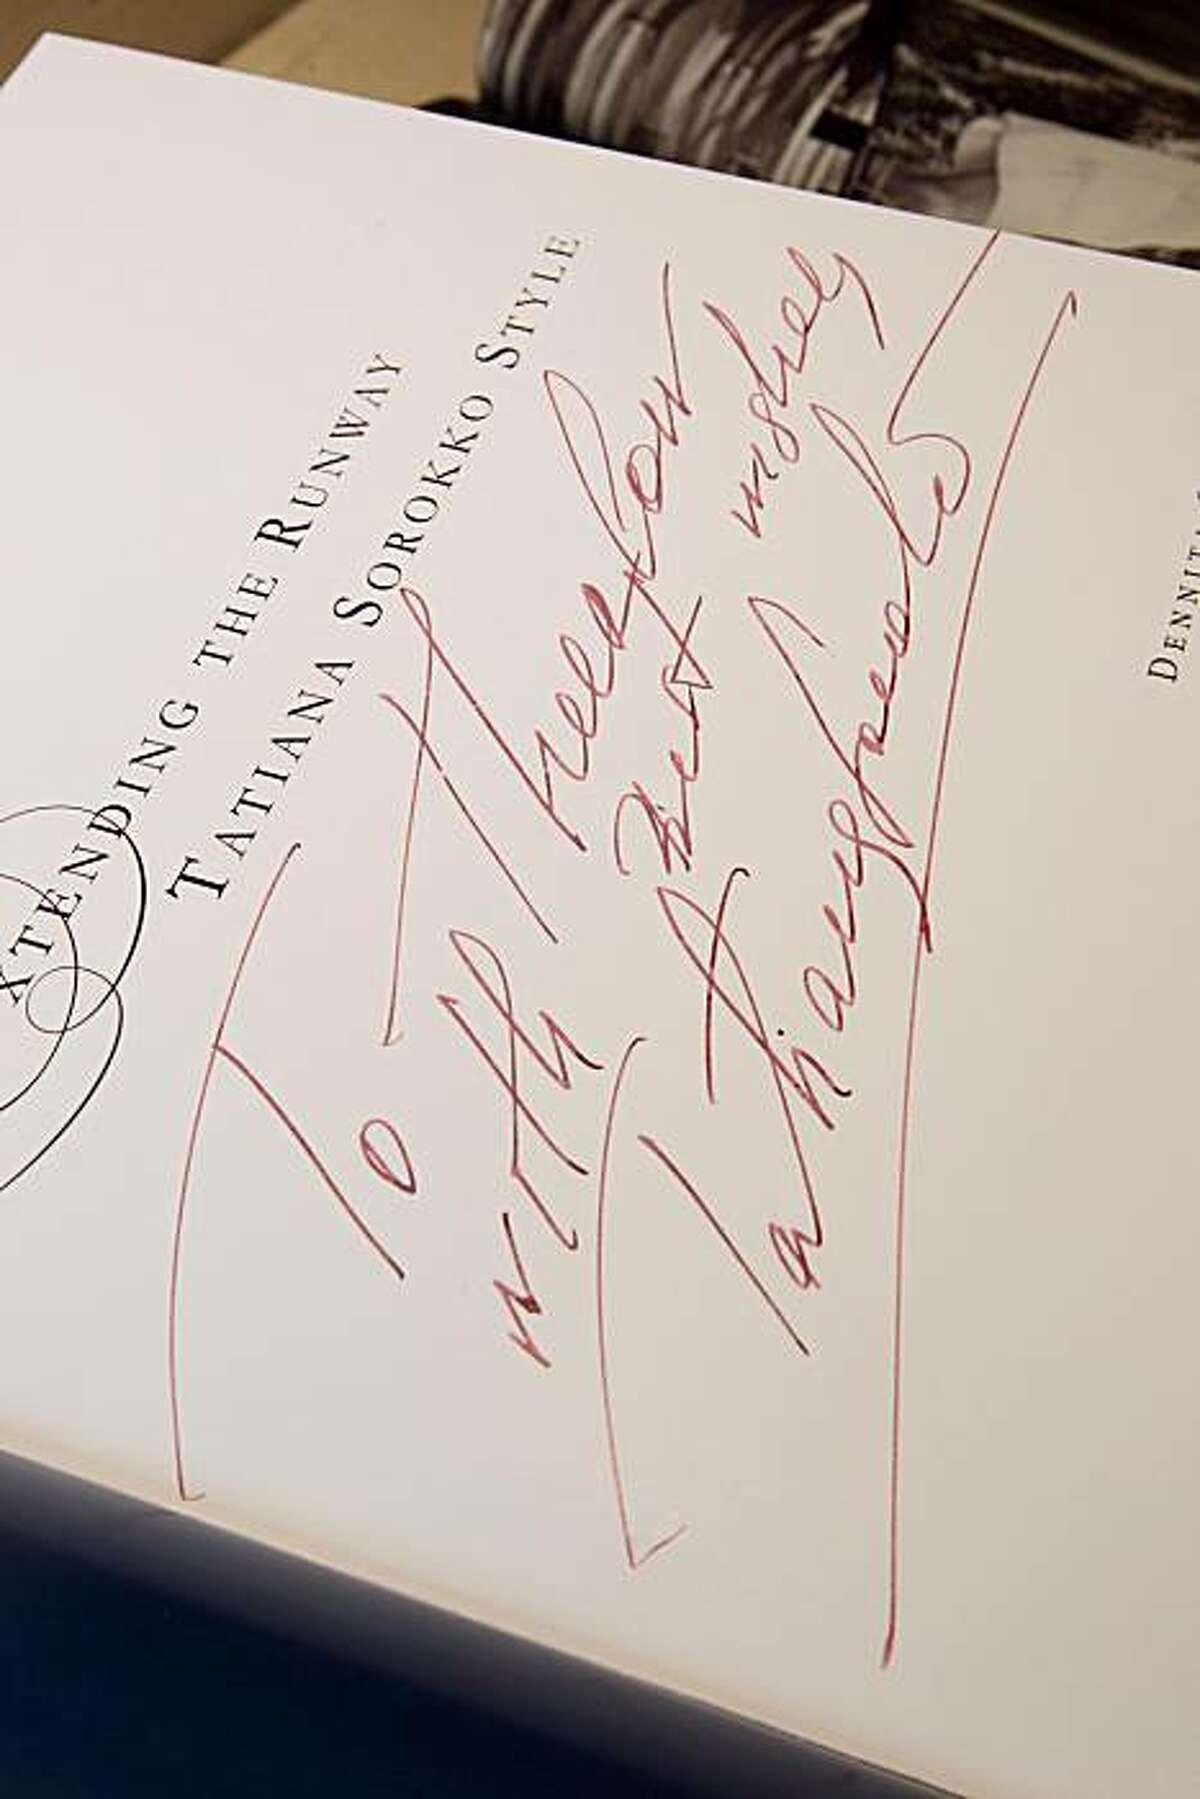 Tatiana Sorokko's signature.